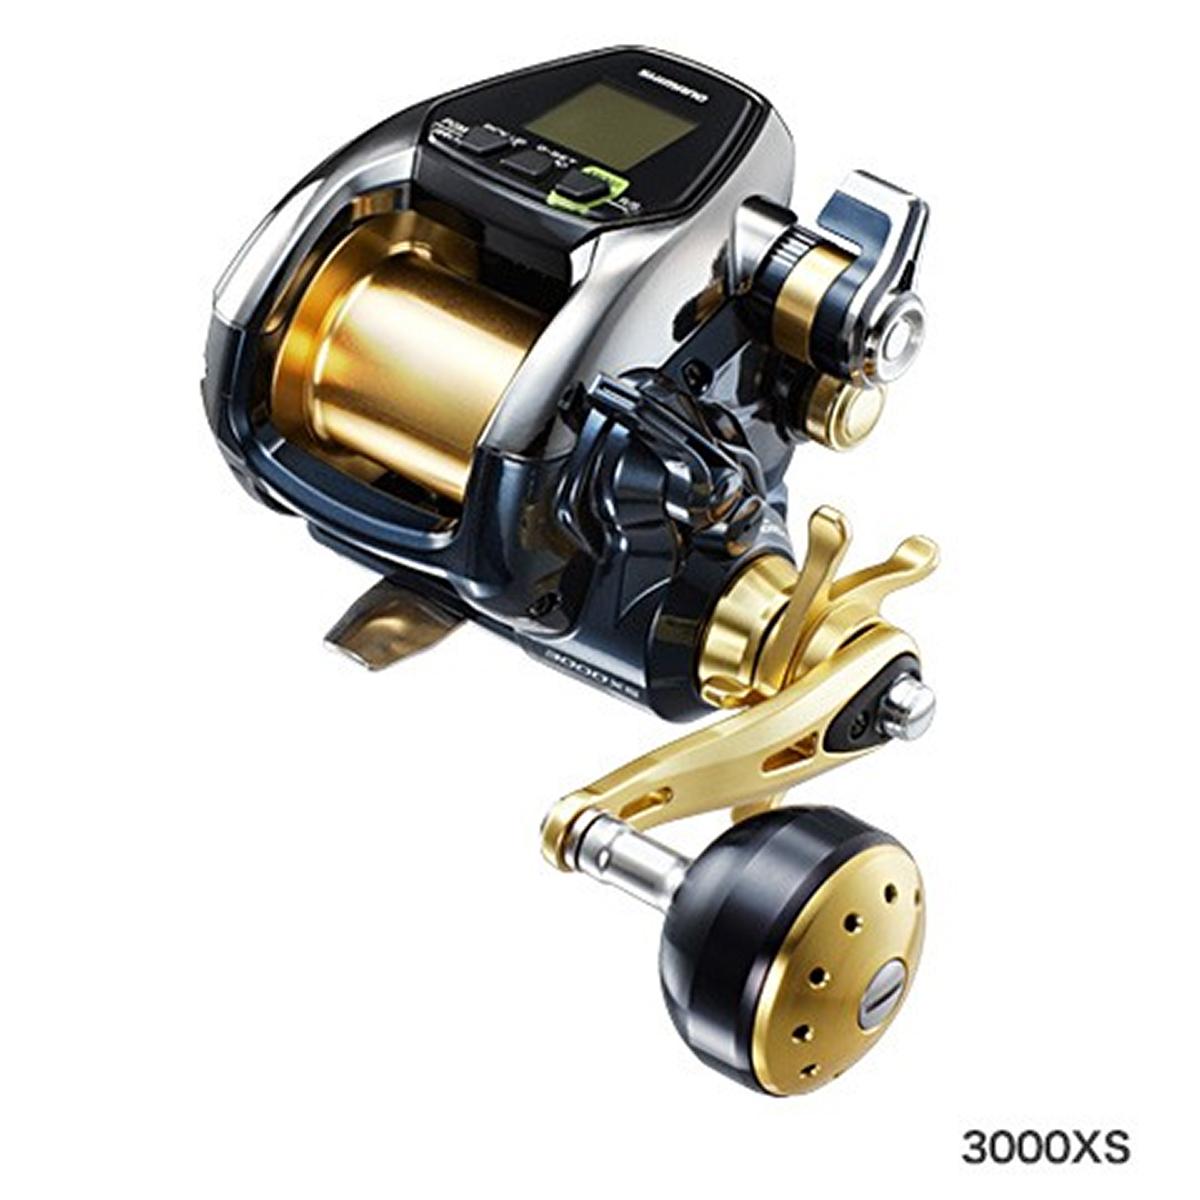 シマノ ビーストマスター 3000XS